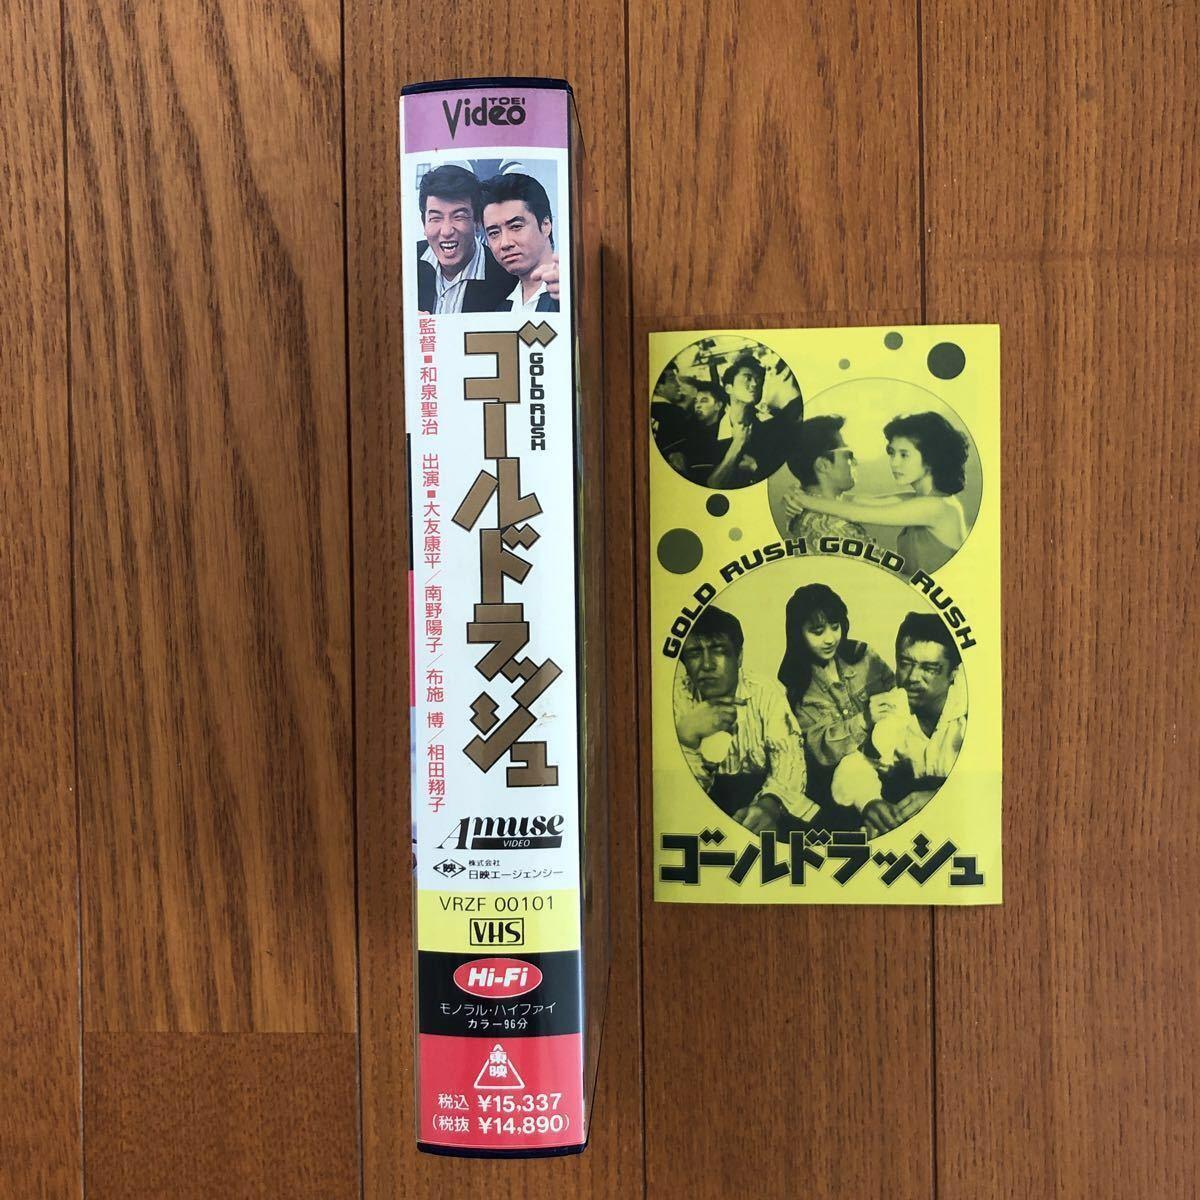 ゴールドラッシュ ビデオ VHS クリームソーダ ピンクドラゴン 大友康平 布施博 南野陽子 相田翔子_画像2